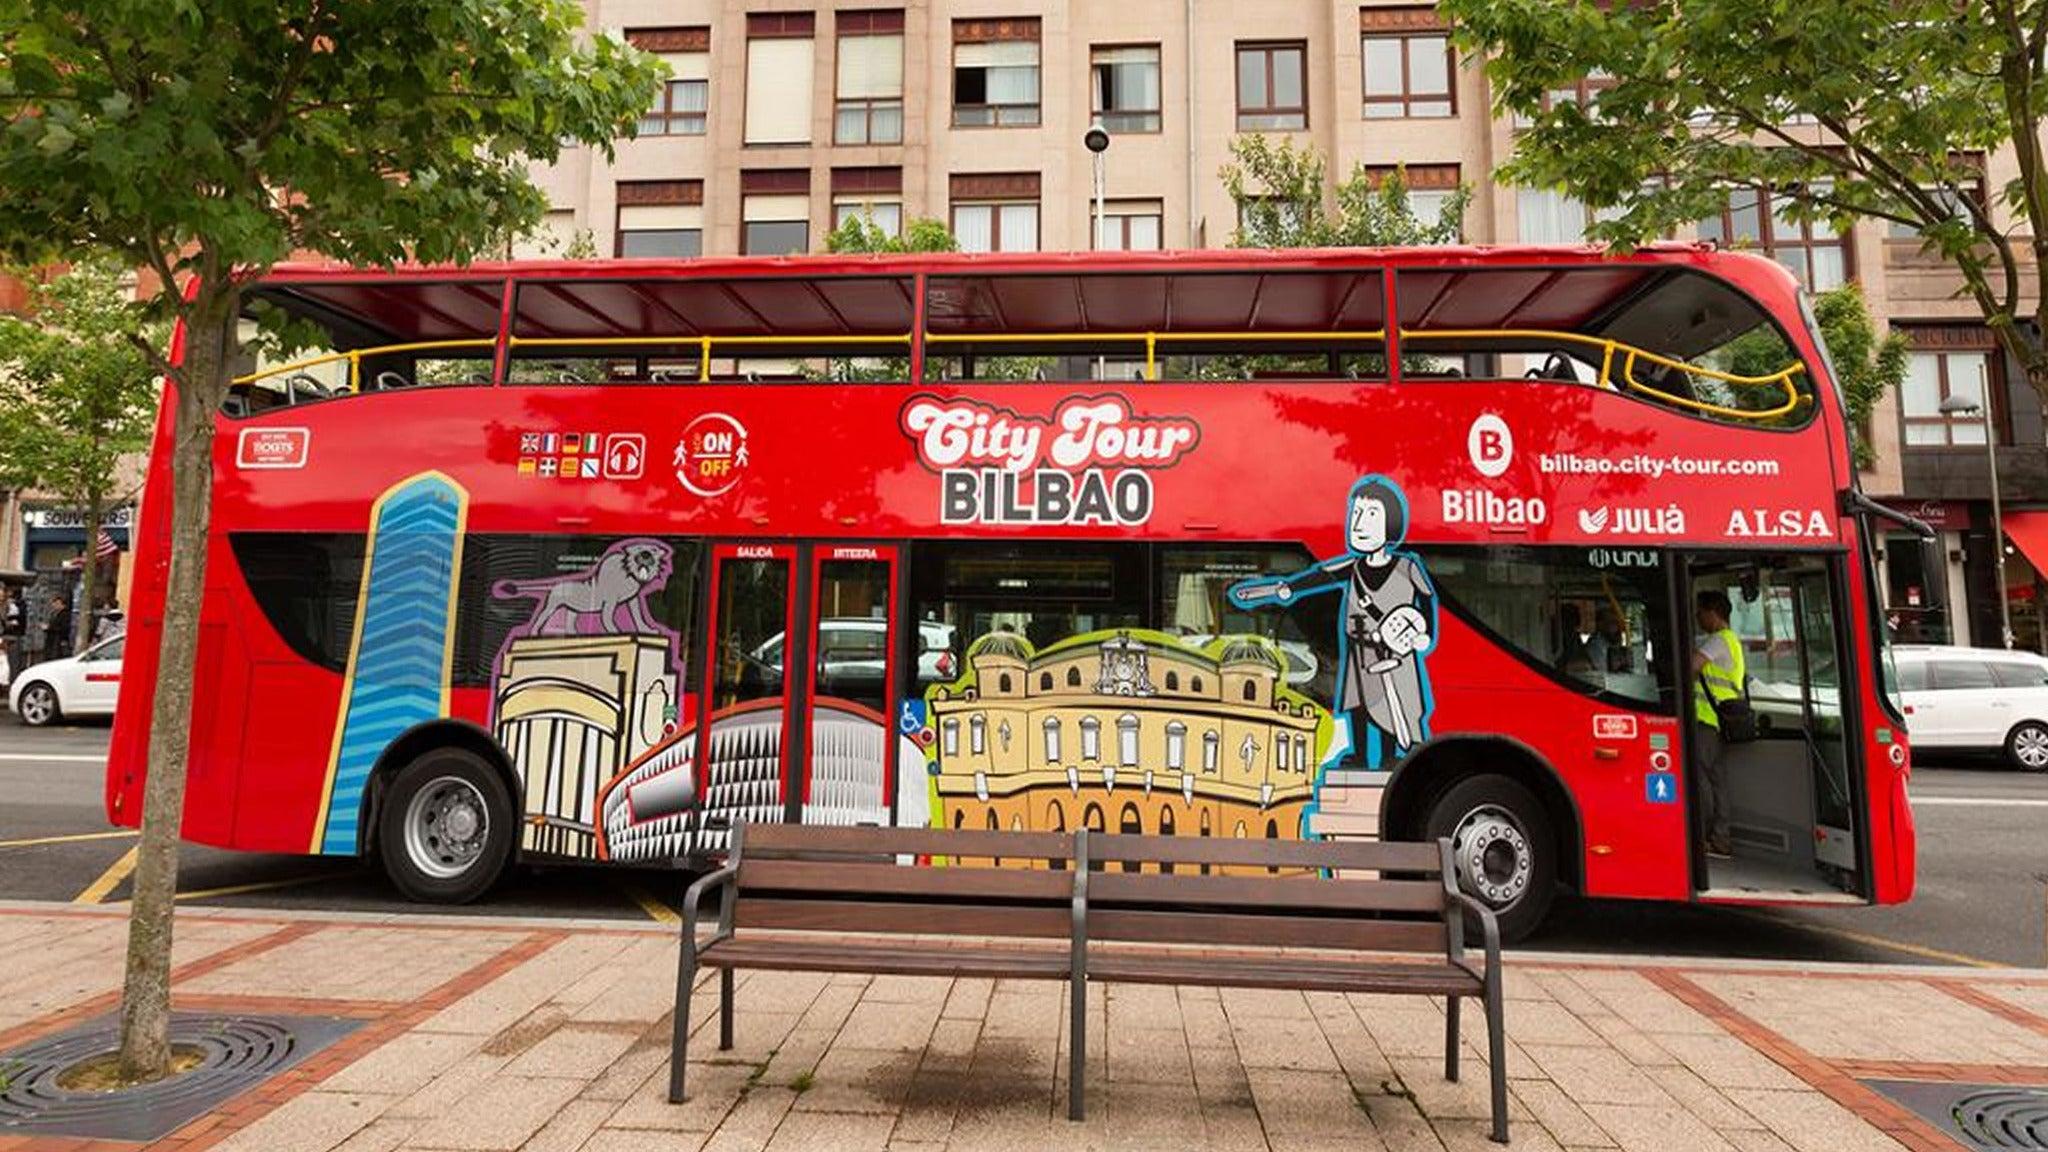 Bilbao City Tour